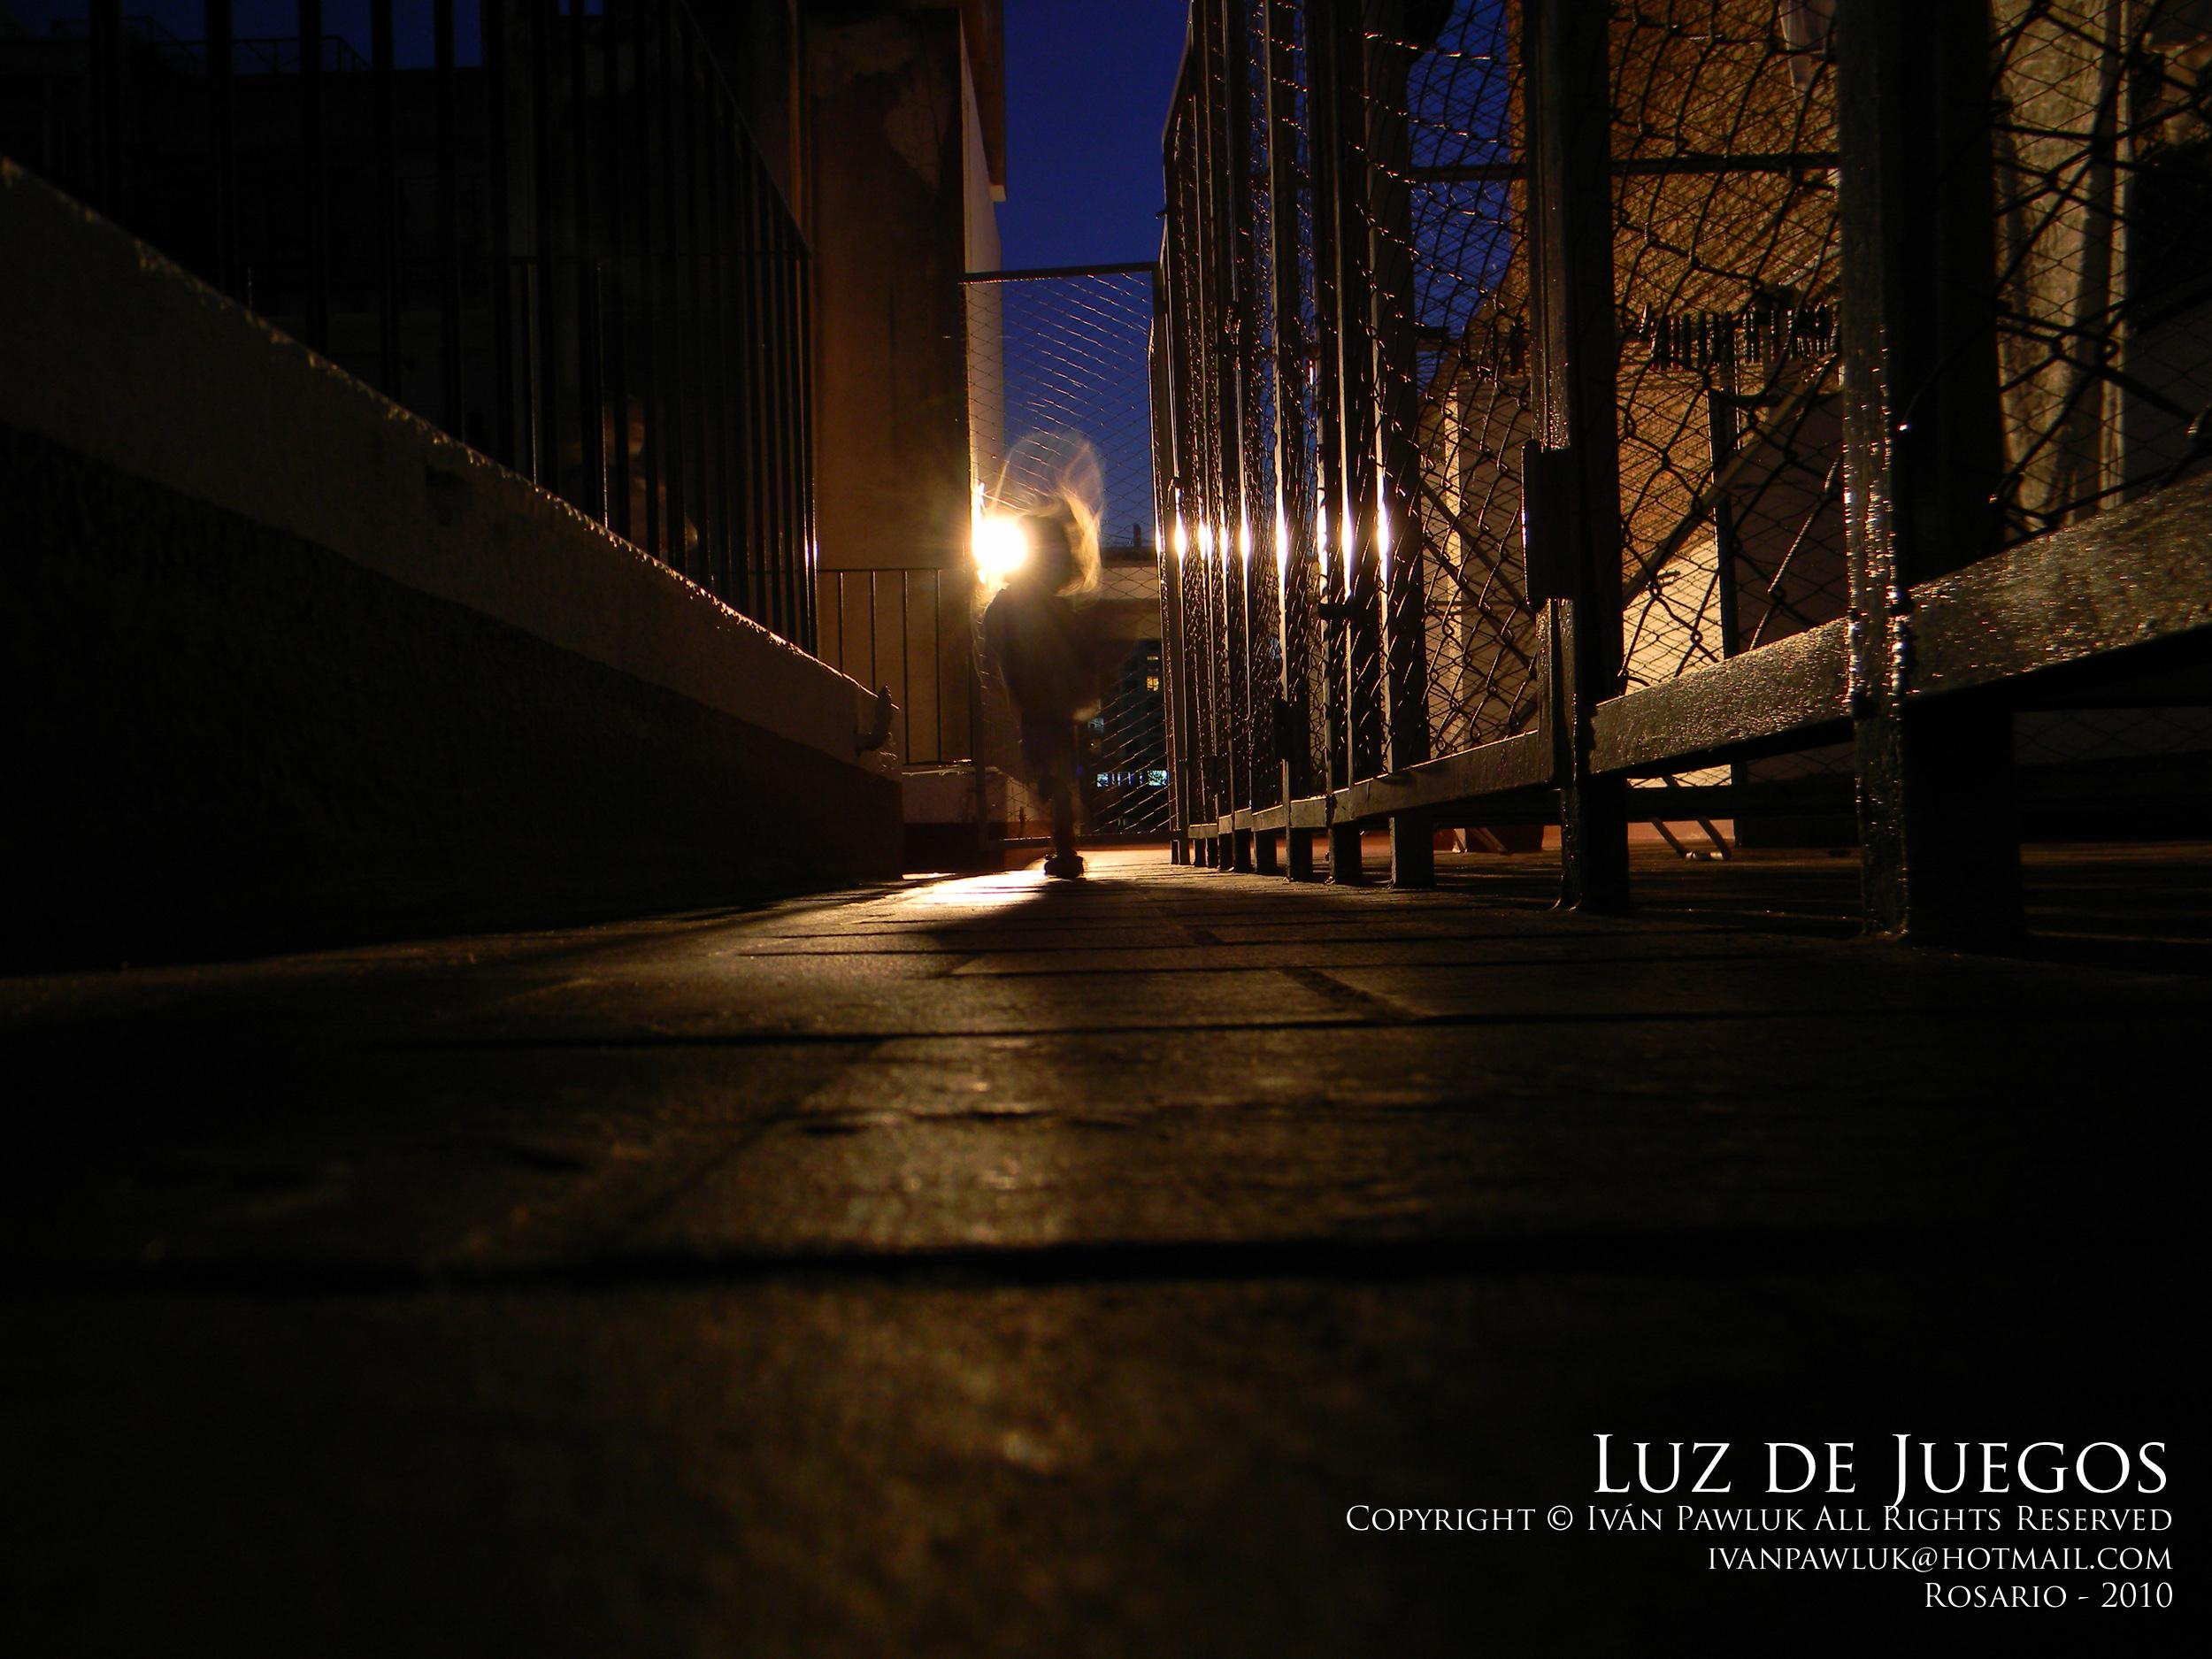 Luz de juegos  / Light Games